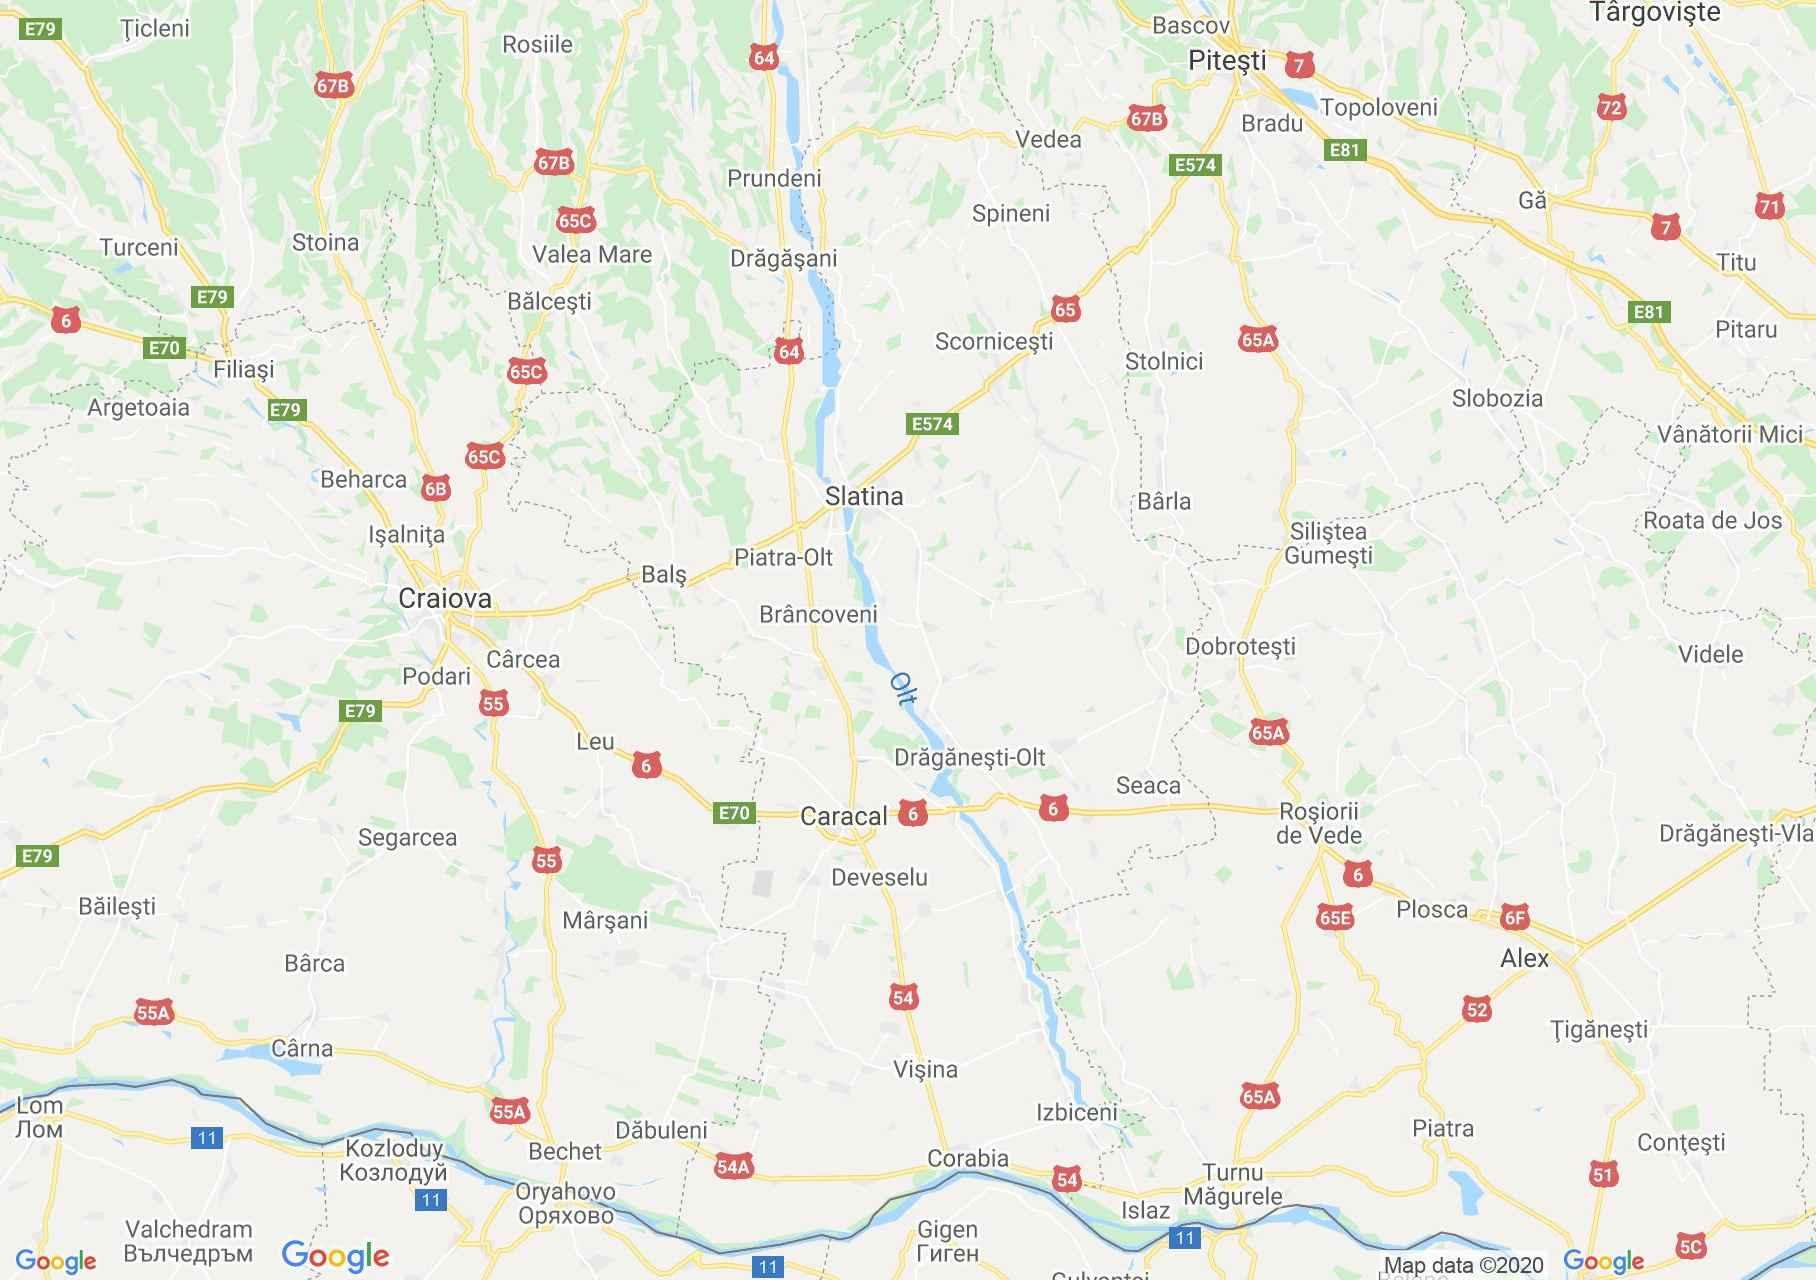 Judeţul Olt: (Slatina), Harta turistică interactivă